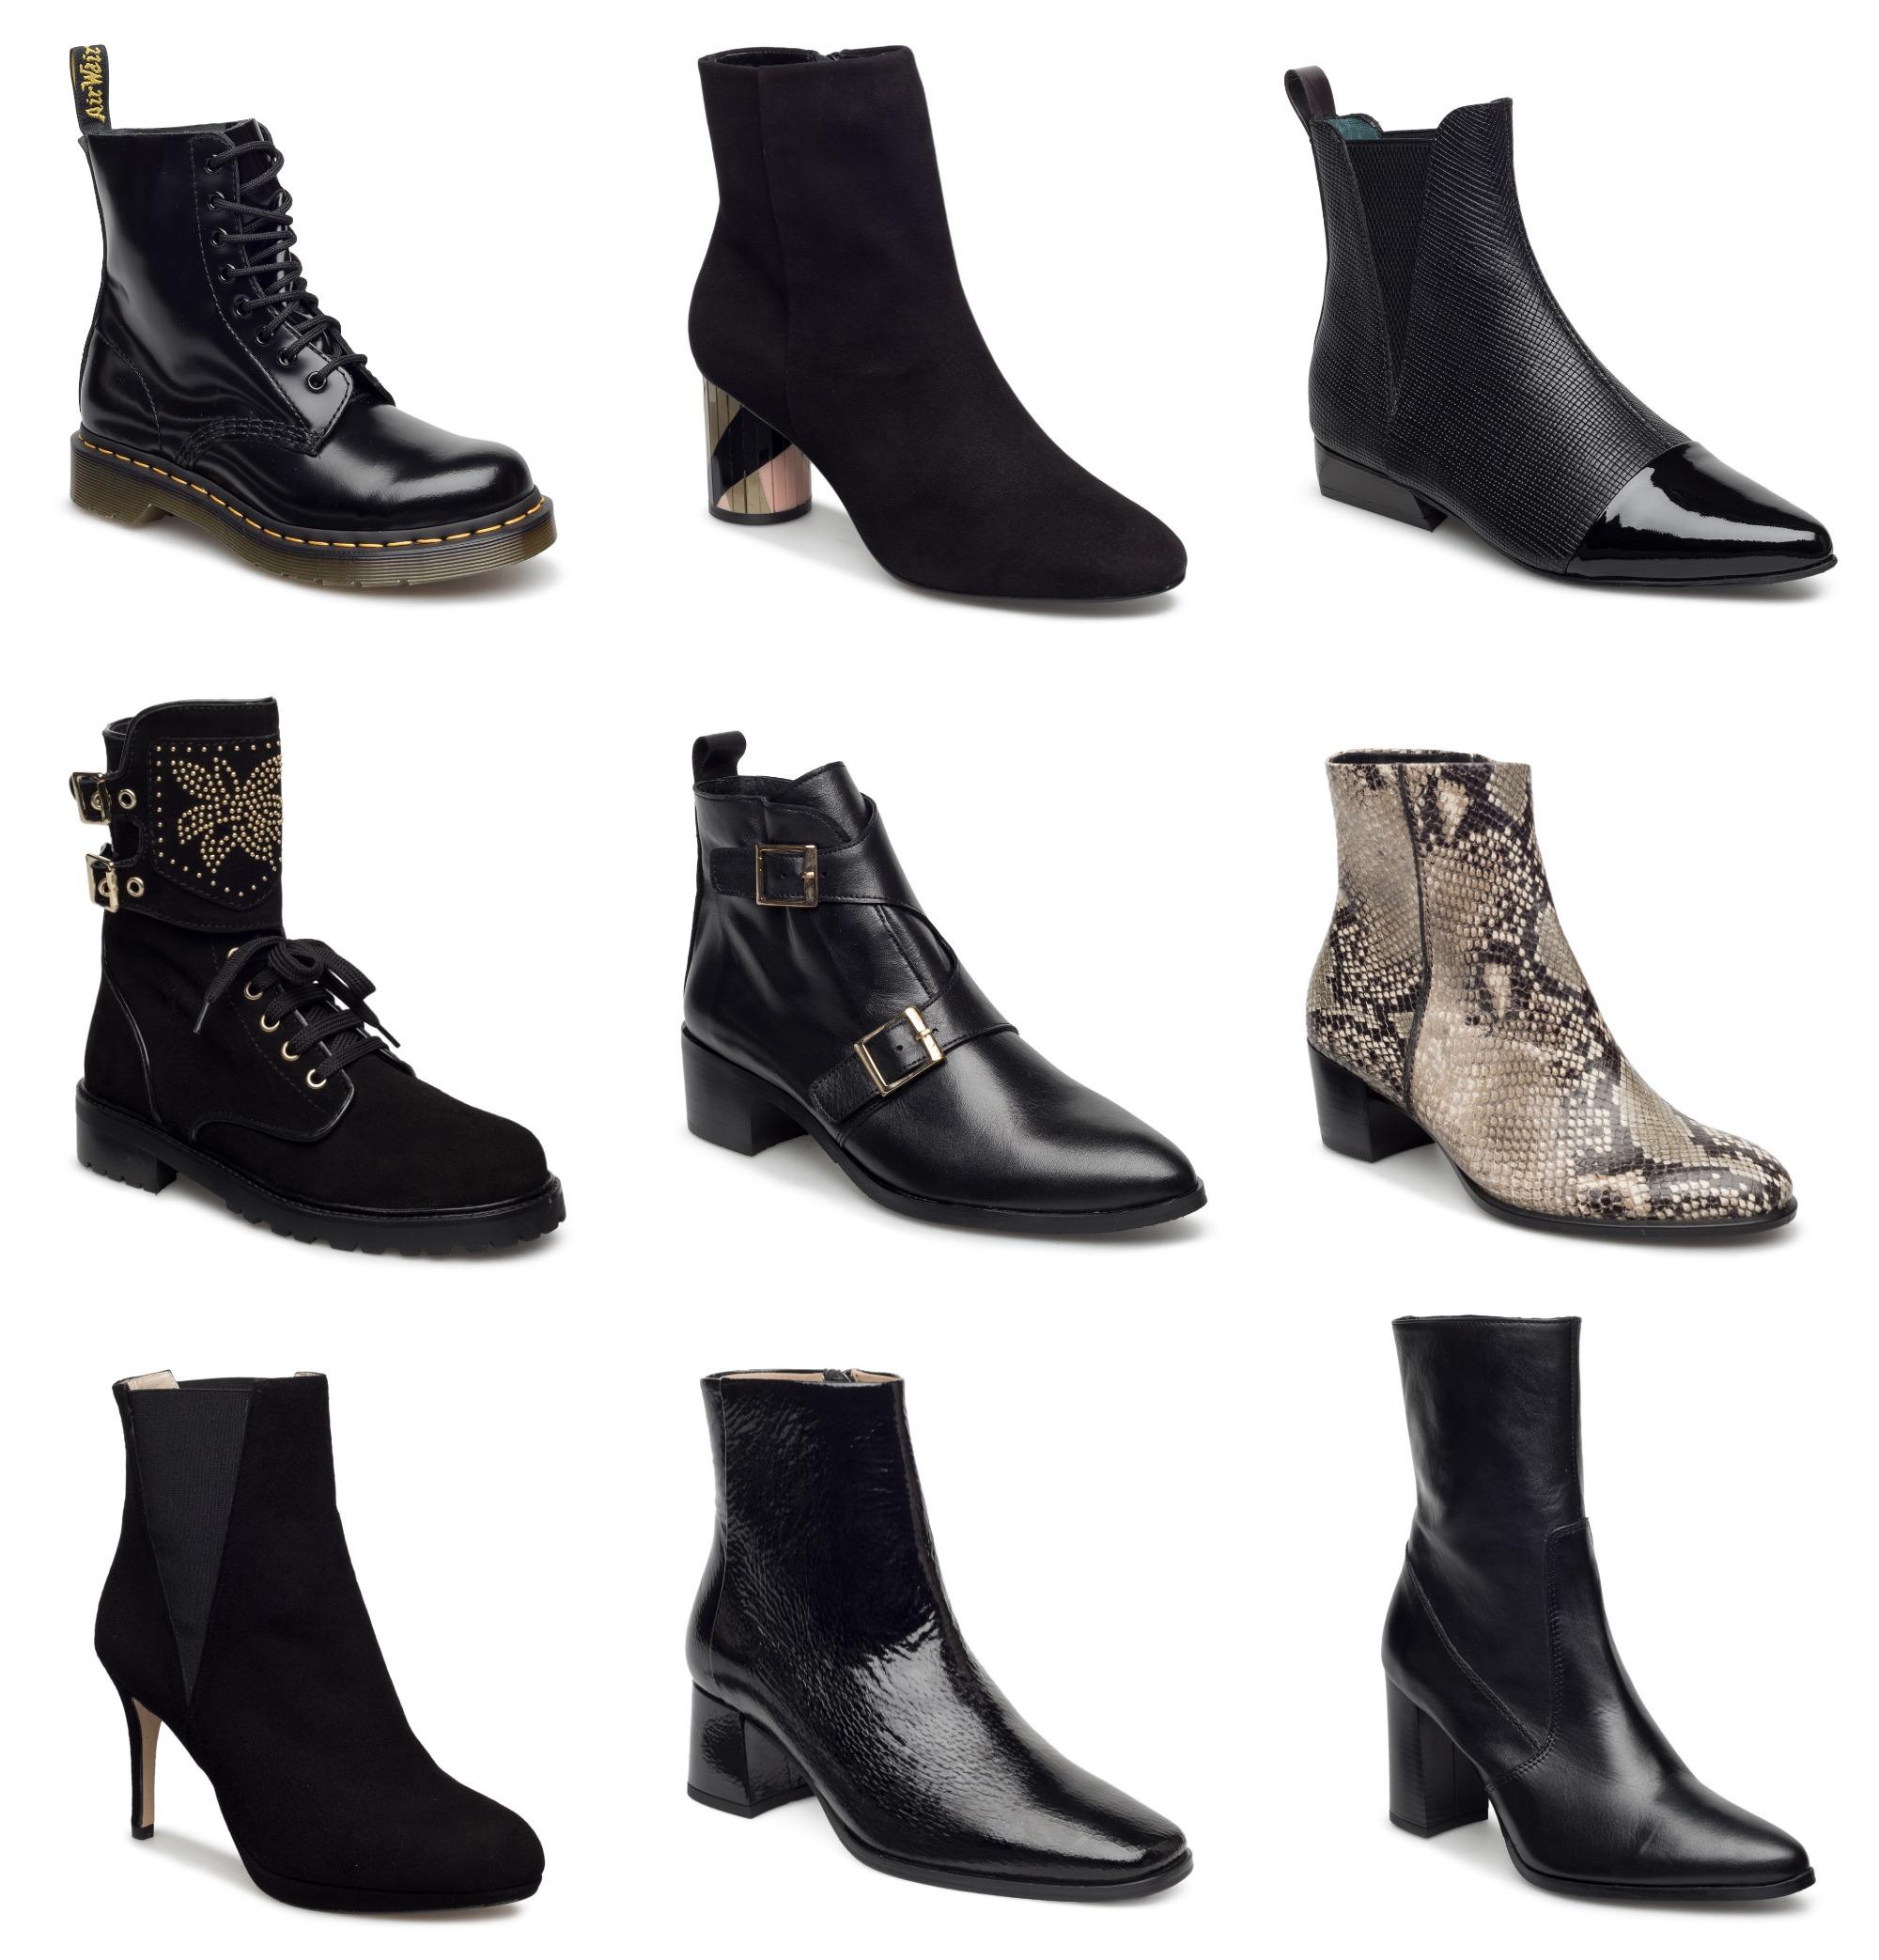 shoe-picks-1